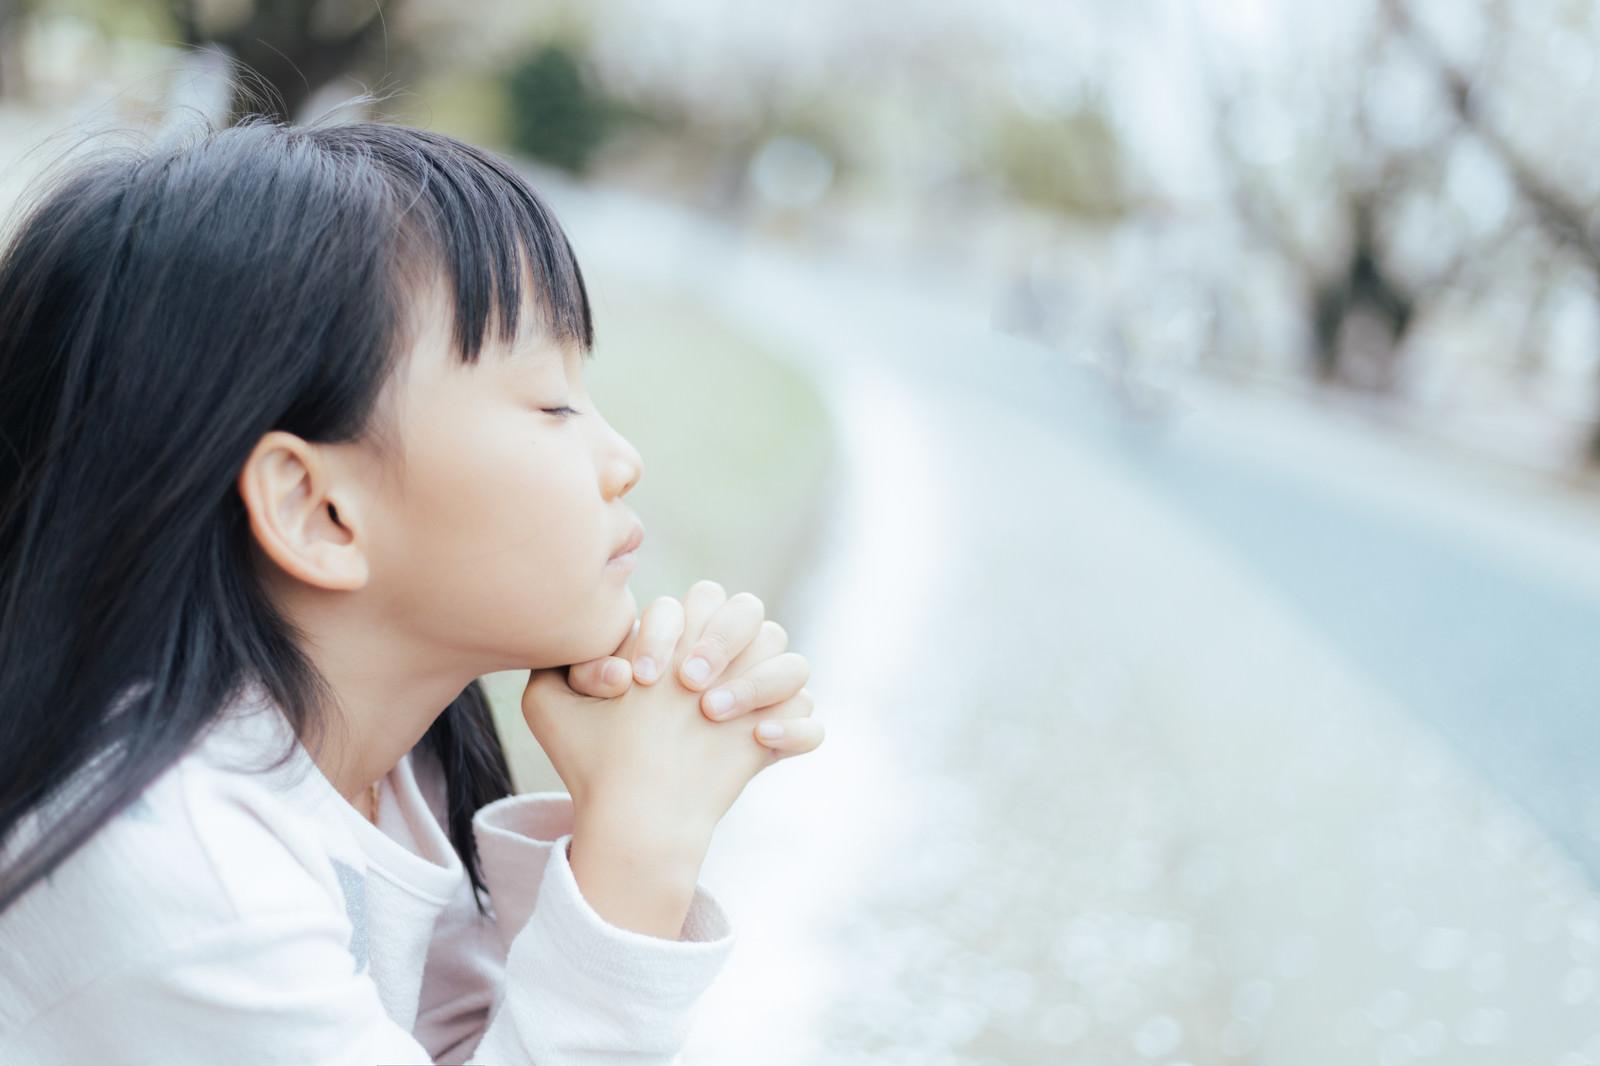 「神様一生のお願いです」の写真[モデル:あんじゅ]